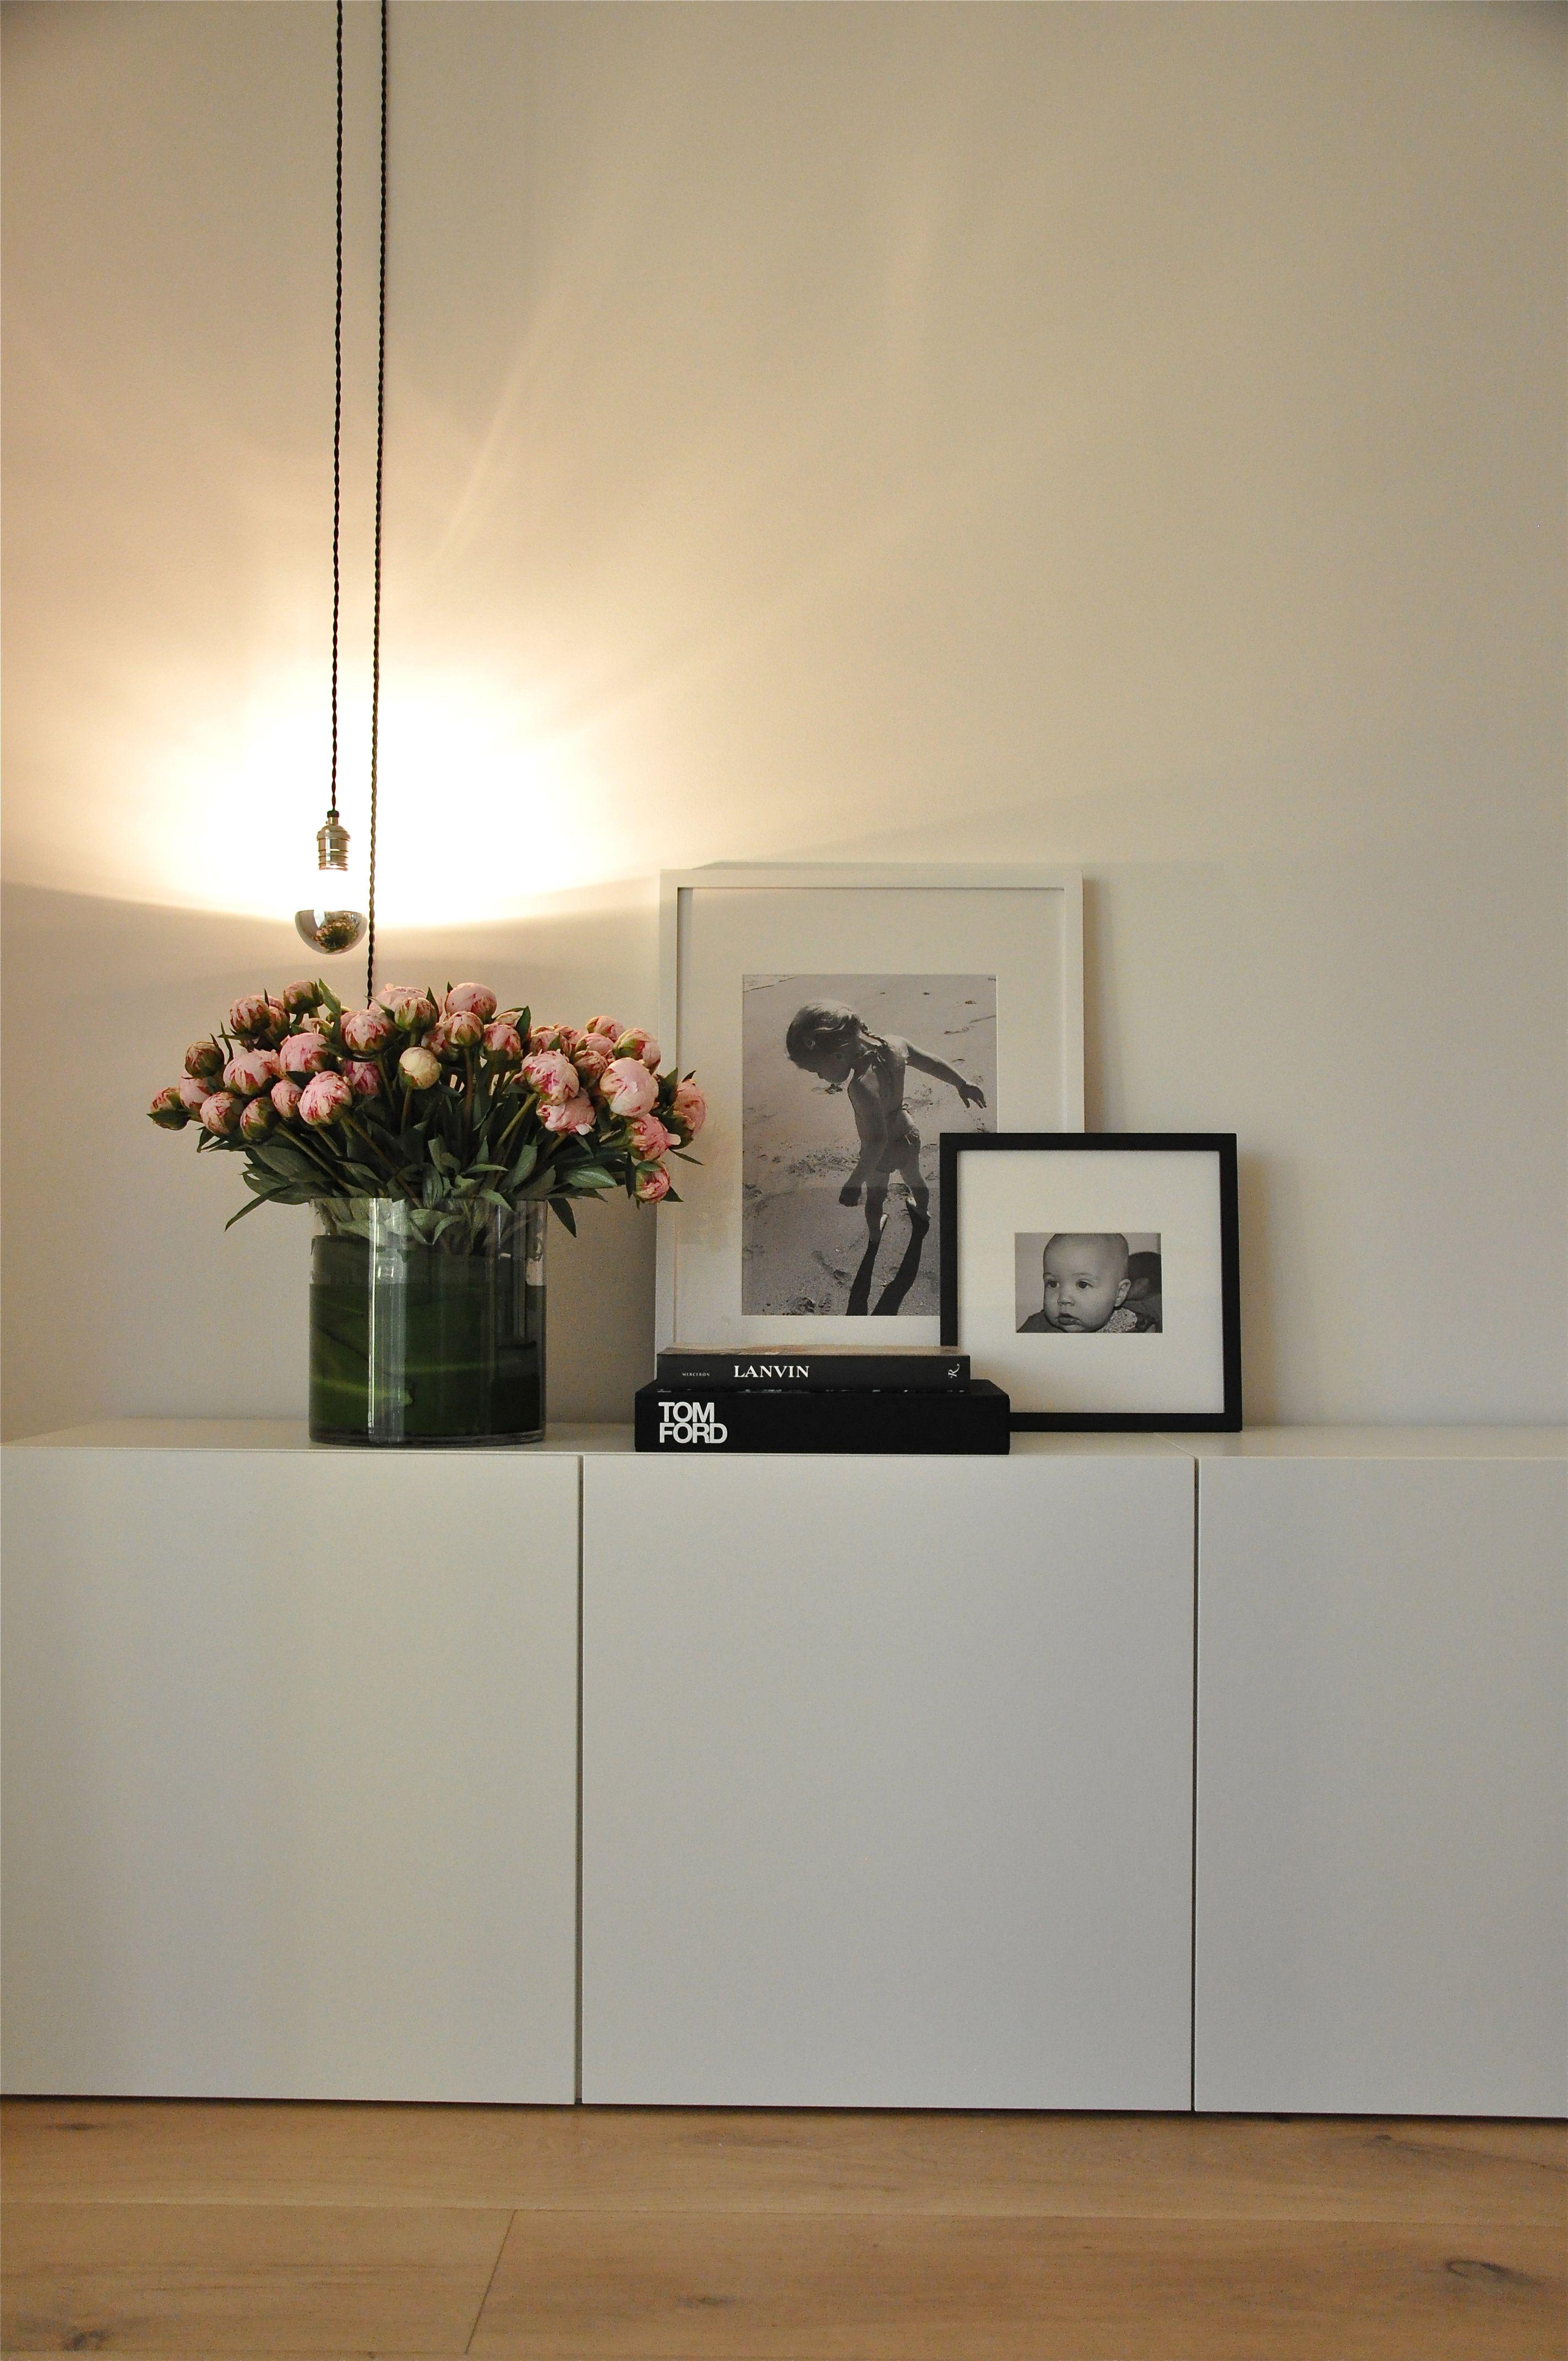 Tief hngende Lampe  Interior Design  Wohnideen dekoration Haus wohnzimmer und Ikea wohnzimmer